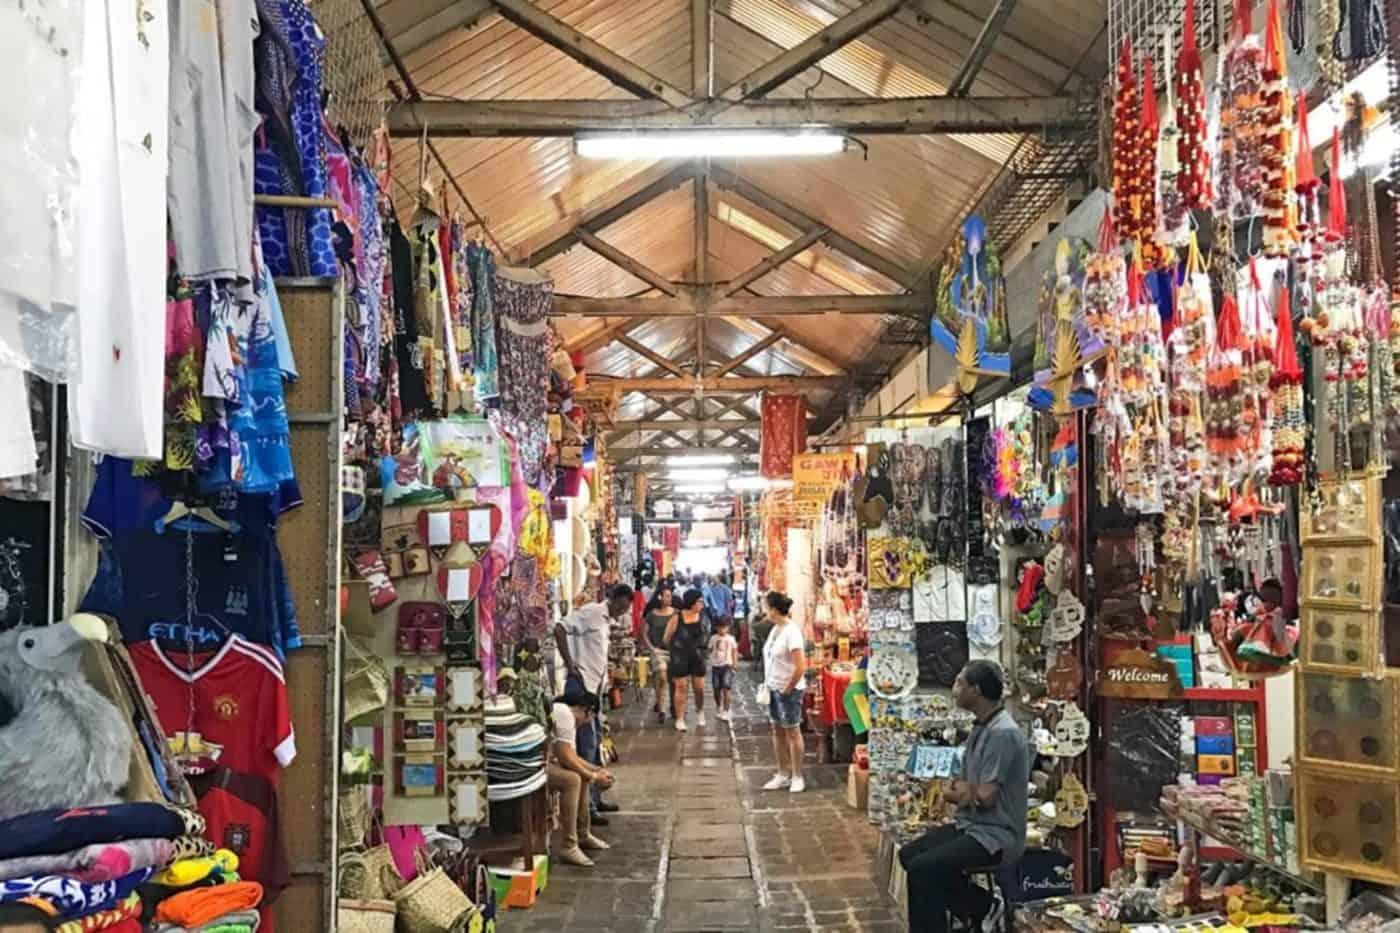 سوق بورت لويس المركزي في موريشيوس